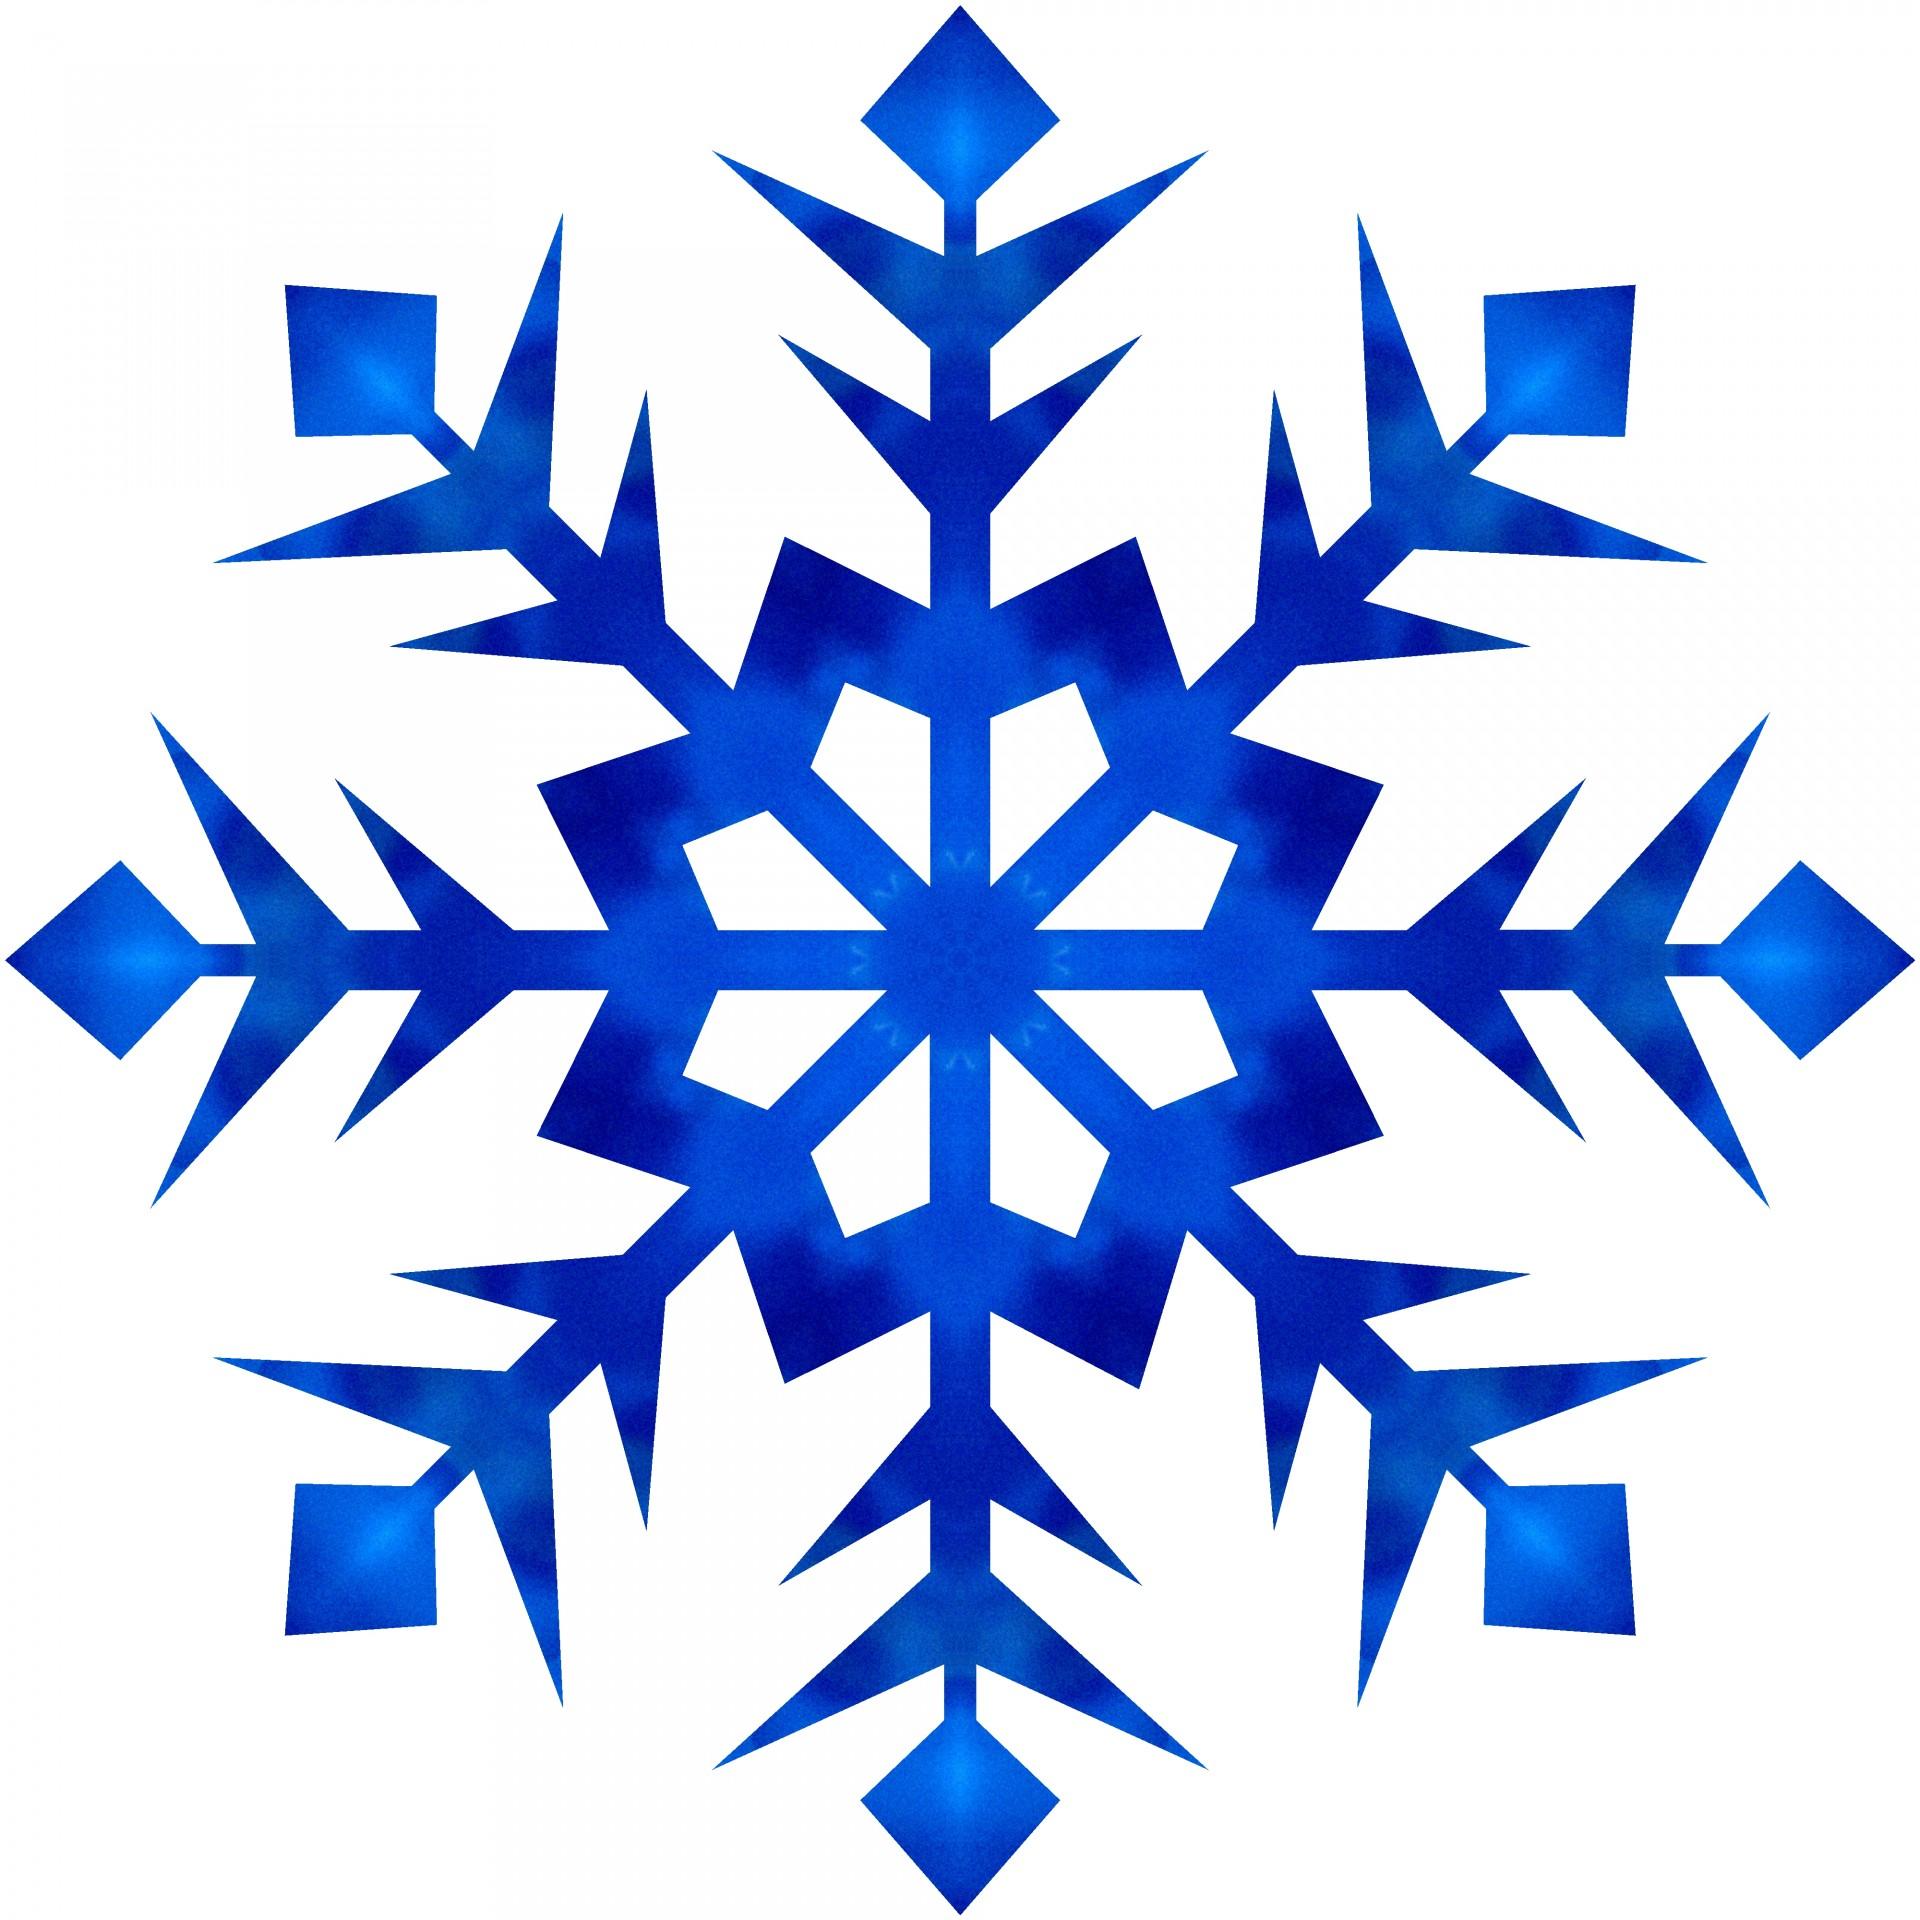 1920x1920 Snowflake